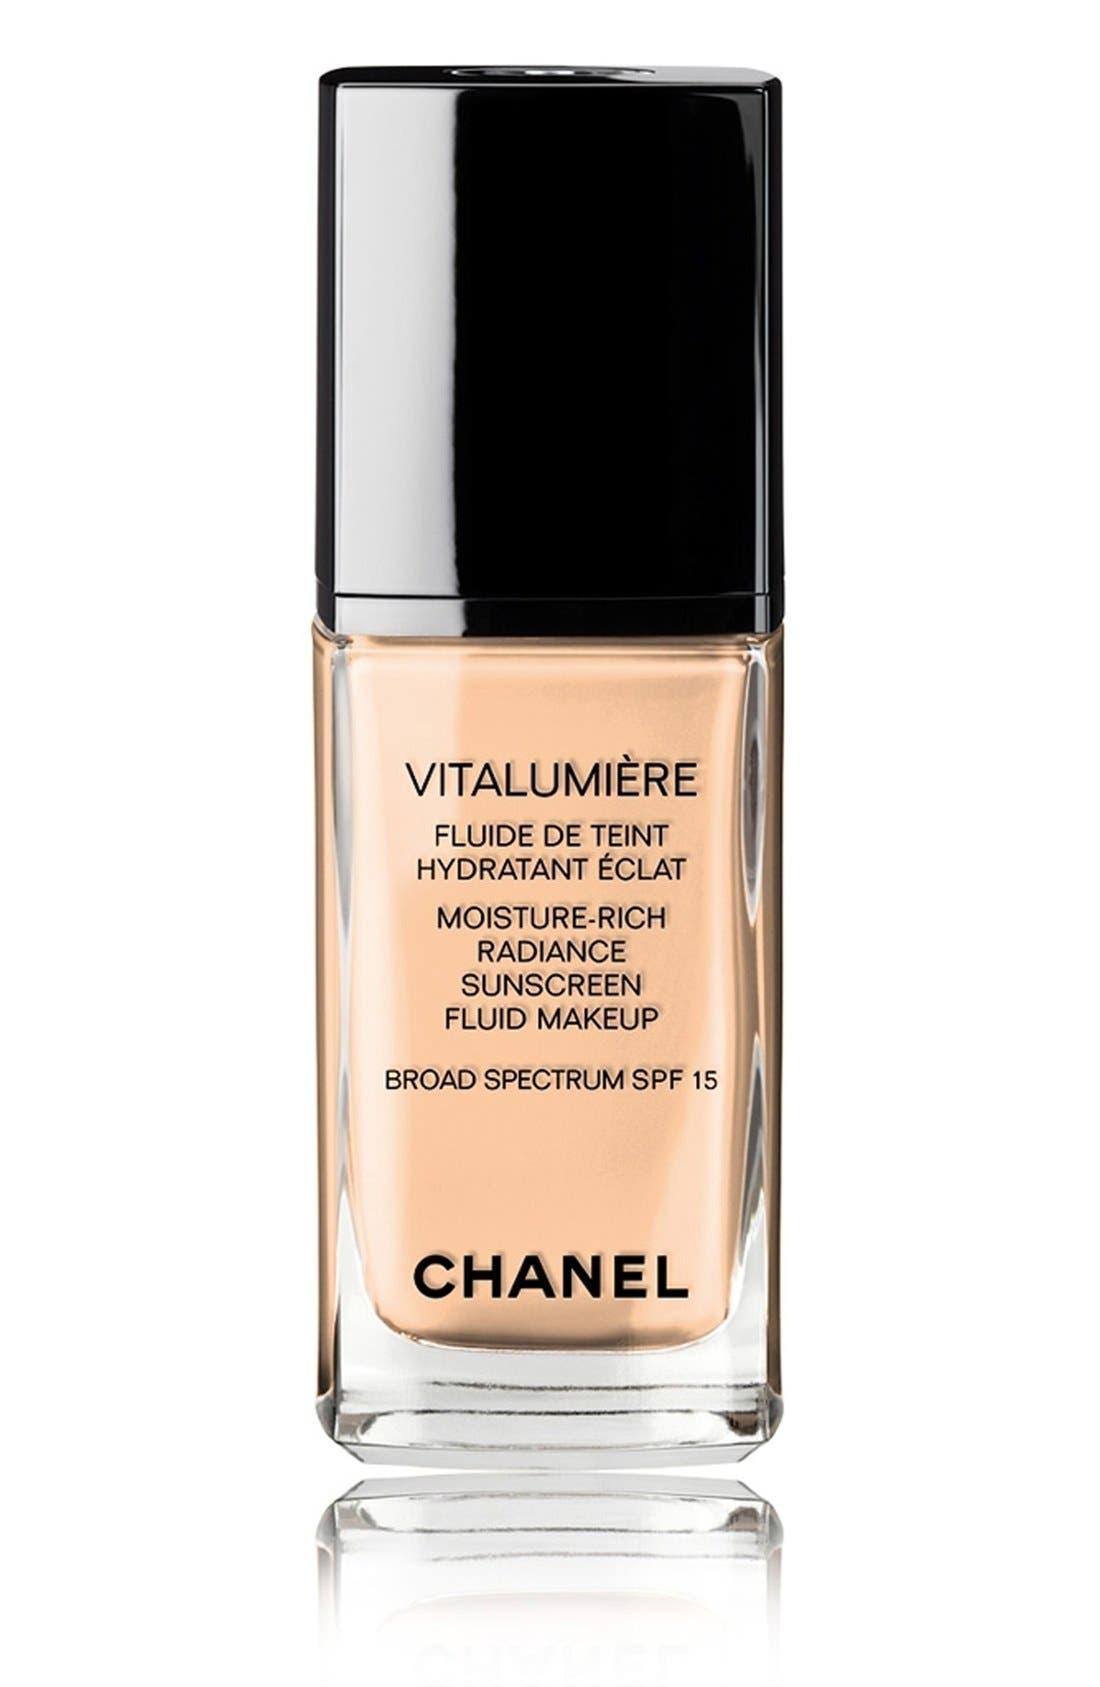 CHANEL VITALUMIÈRE  Moisture-Rich Radiance Sunscreen Fluid Makeup Broad Spectrum SPF 15